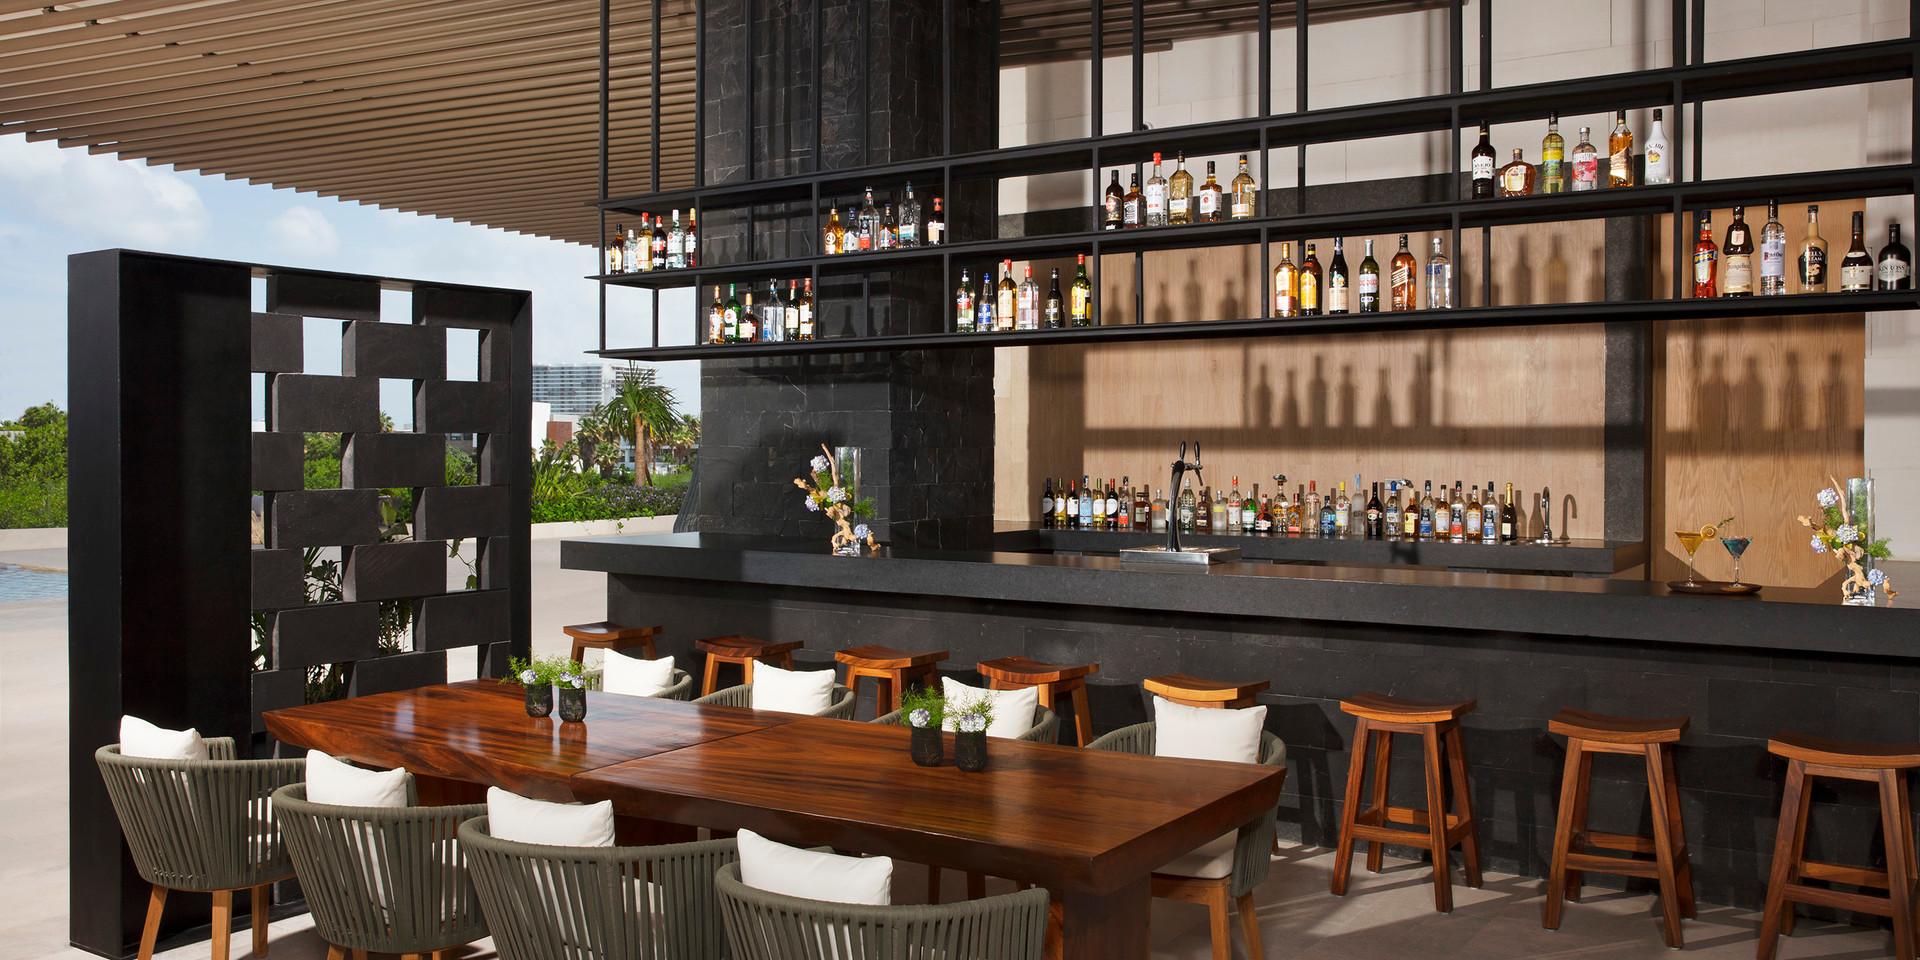 Veranda | La Plaza Bar